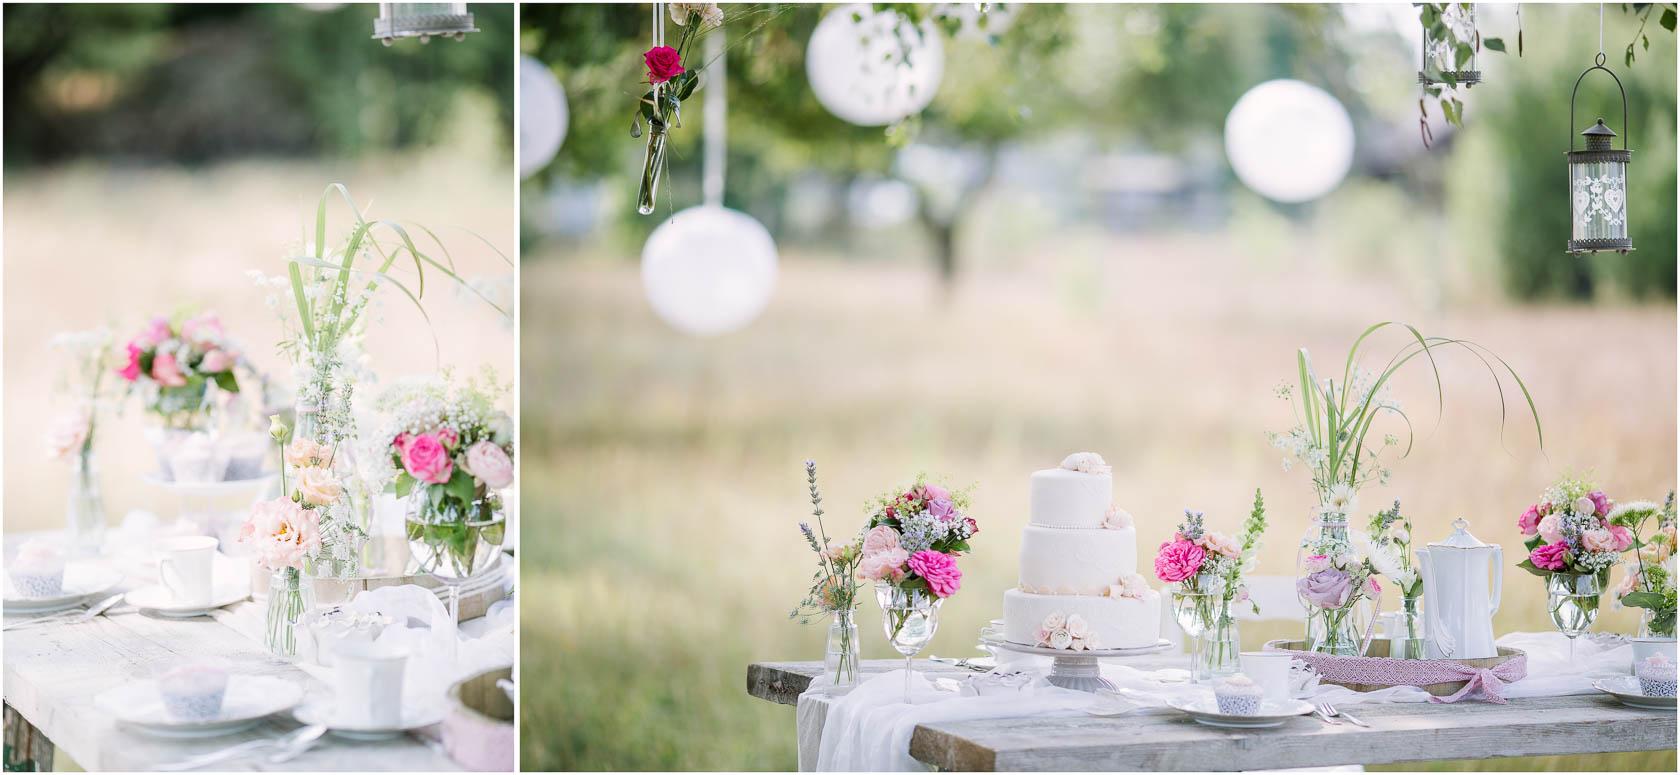 Styled Wedding Shoot Bridal Inspiration DIY und Pastell Torte und Tischdekoration